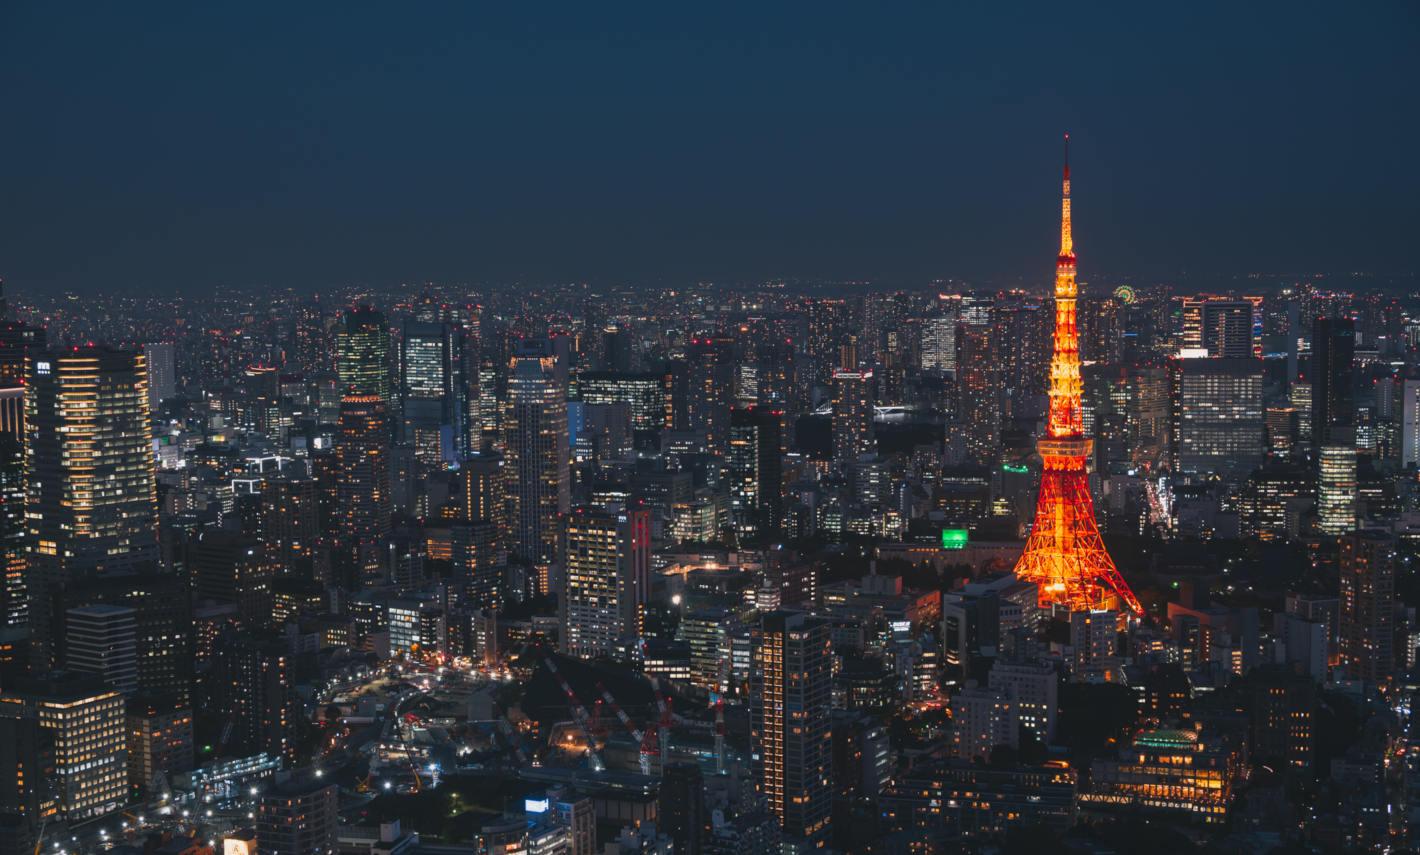 Z 7、NIKKOR Z 24-200mm f/4-6.3 VR/撮影地:六本木ヒルズ展望台 東京シティビュー 屋上スカイデッキ